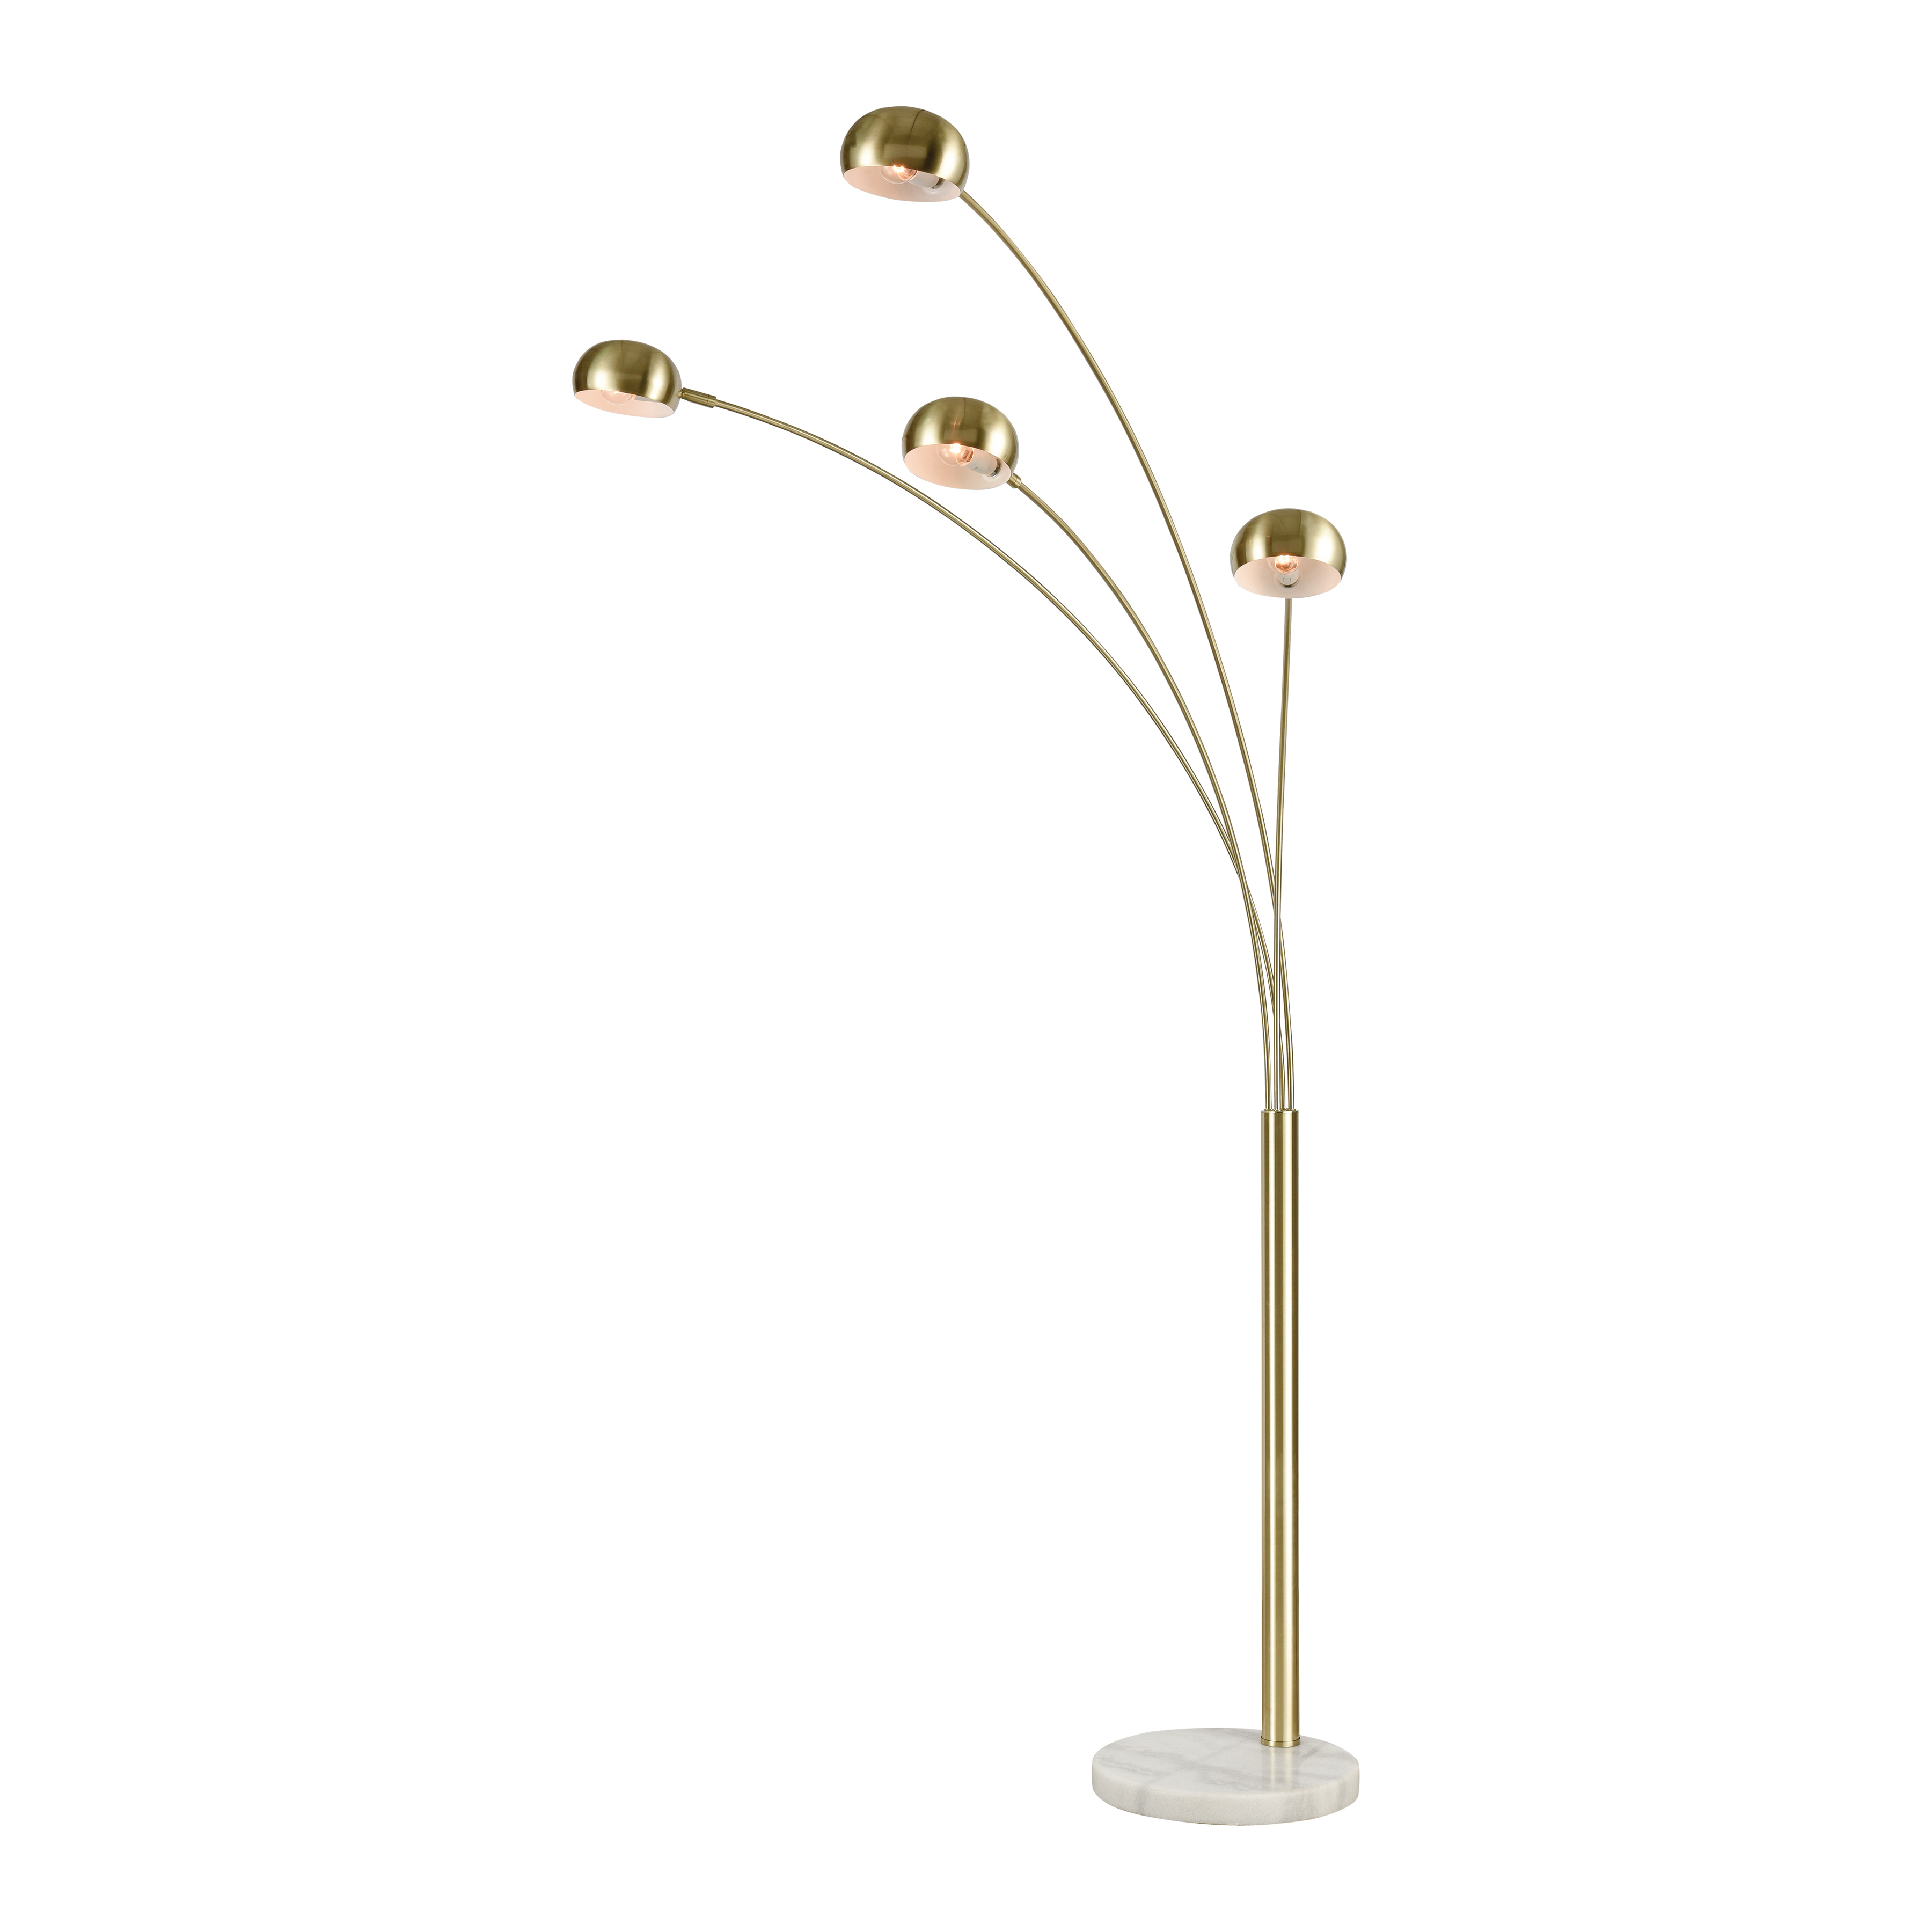 Stein World Skyline 4-Light Adjustable Floor Lamp Satin Brass